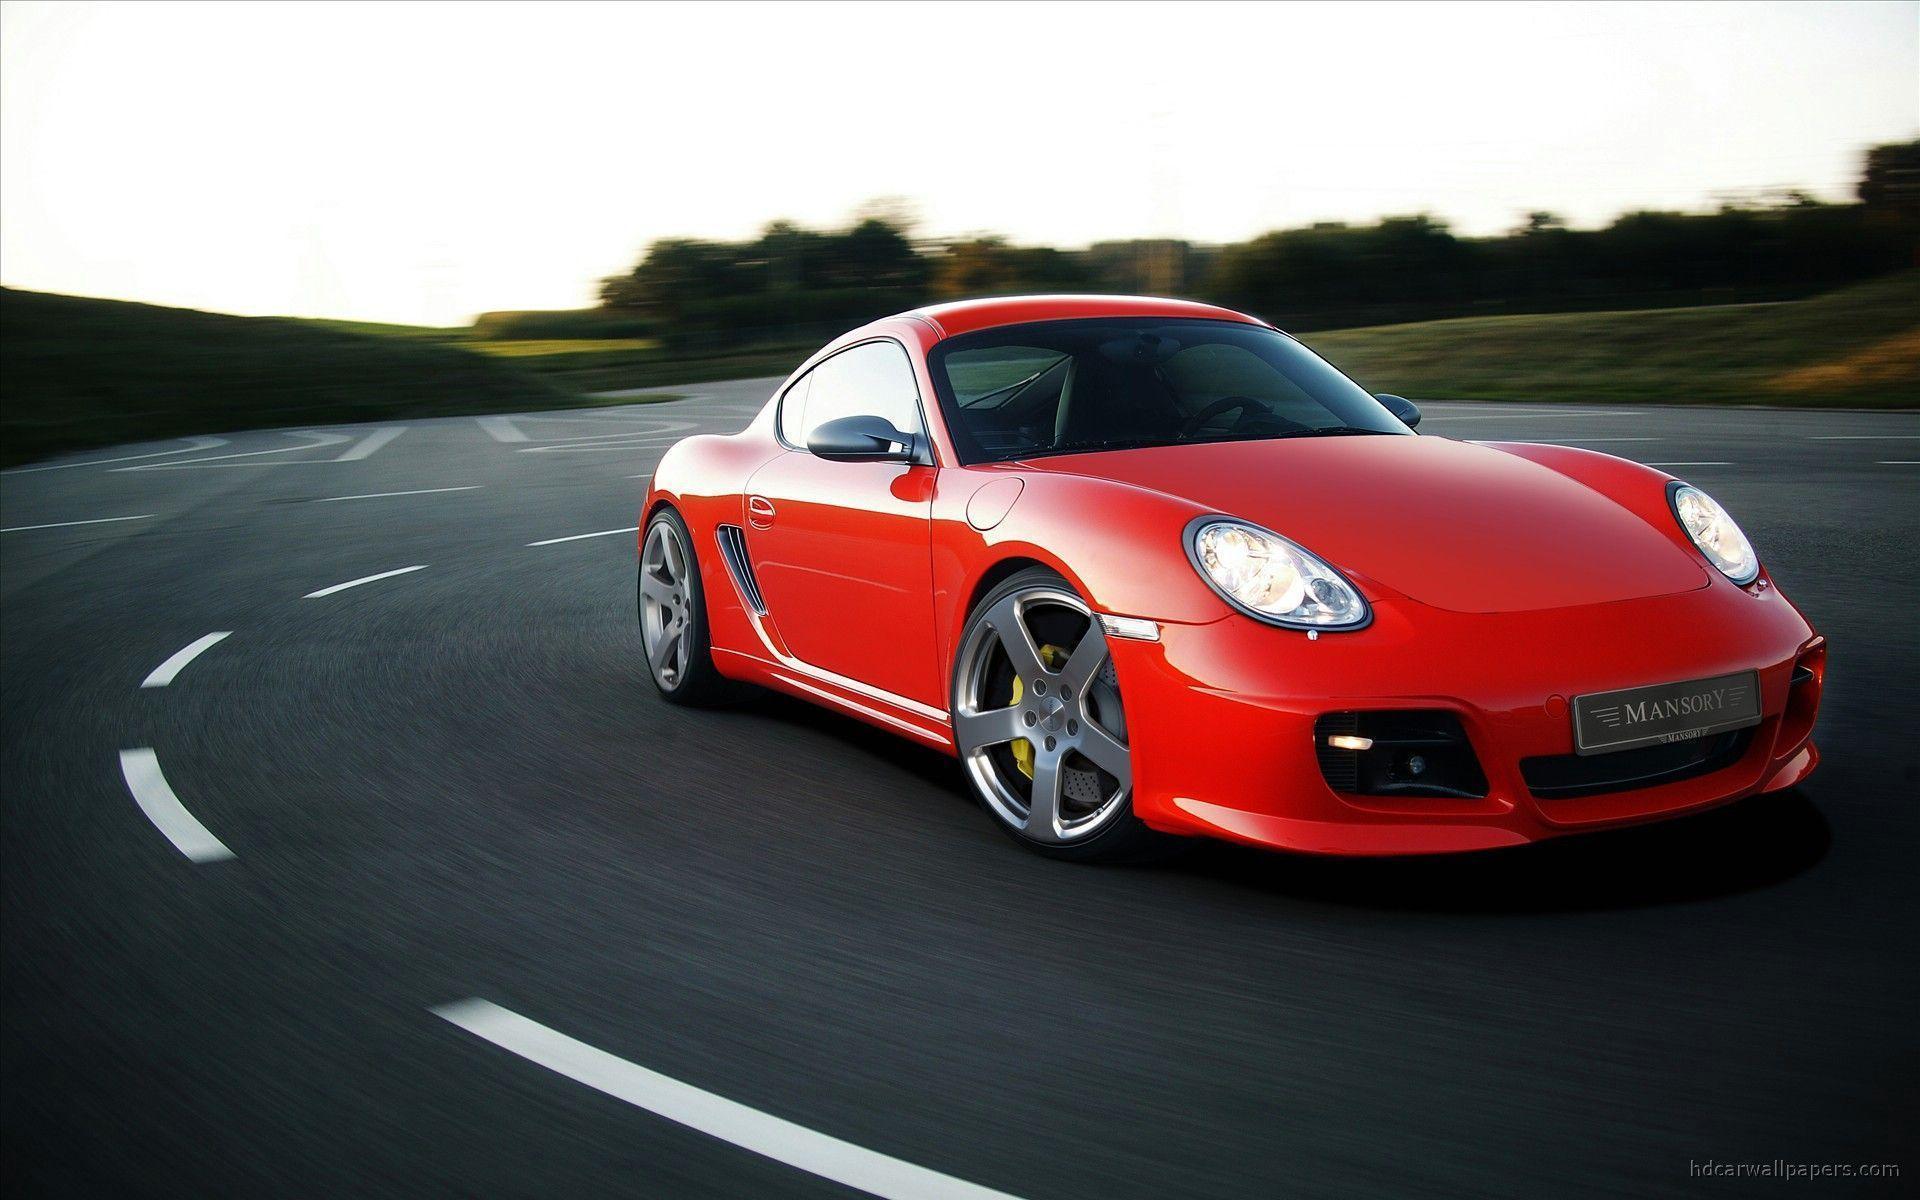 Porsche Cayman Wallpapers - Full HD wallpaper search